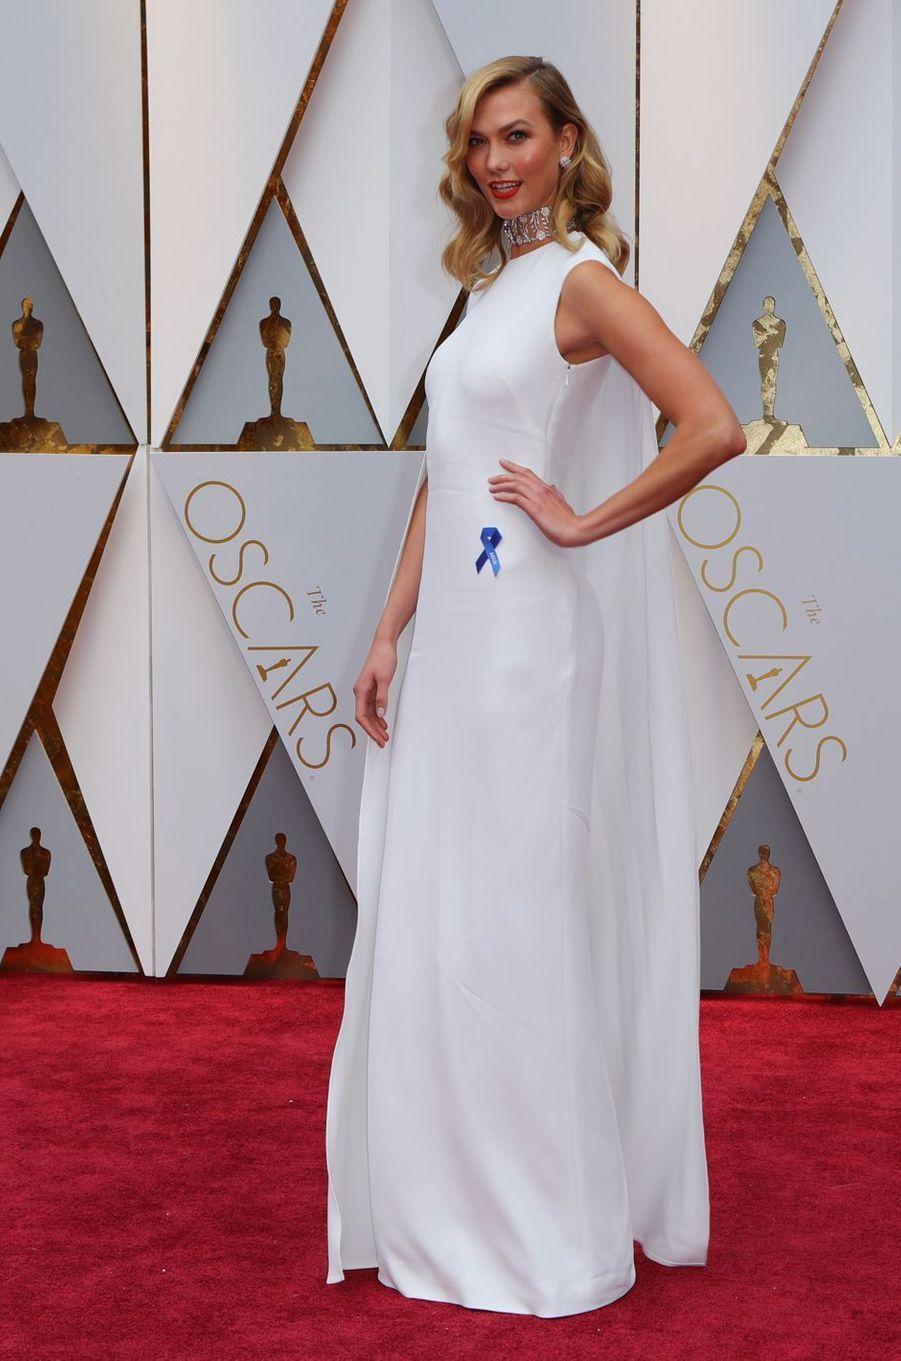 Karlie Kloss à la cérémonie des Oscars à Los Angeles le 26 février 2017